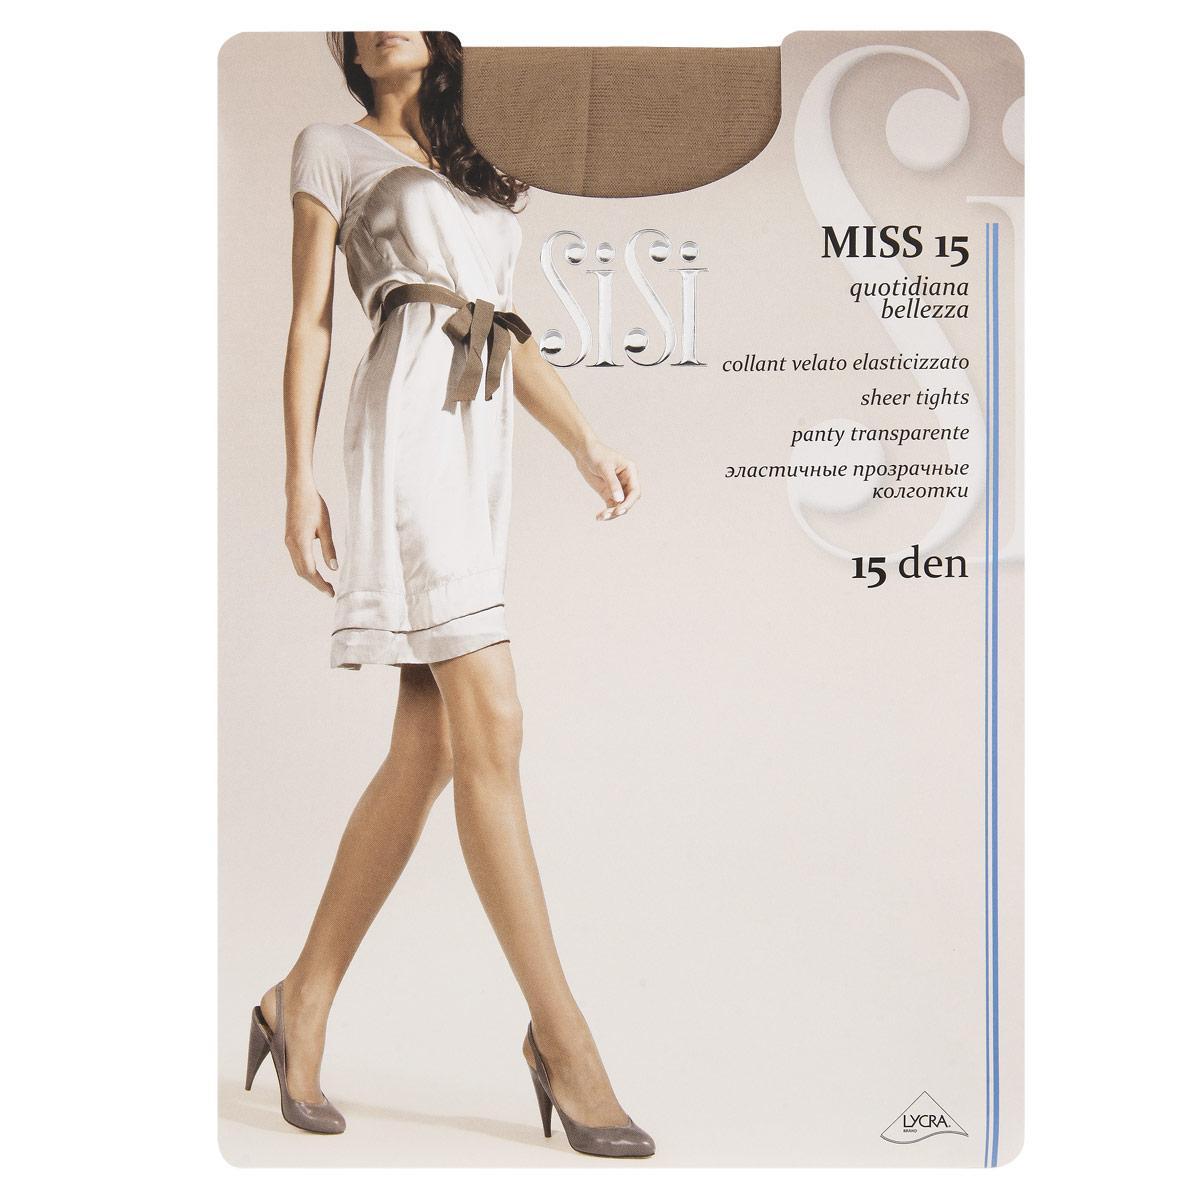 Колготки Sisi Miss 15. Miele (светло-телесный). Размер 4-L52 Miss 15Эластичные прозрачные колготки Sisi Miss с шортиками и удобными швами.Плотность: 15 den.